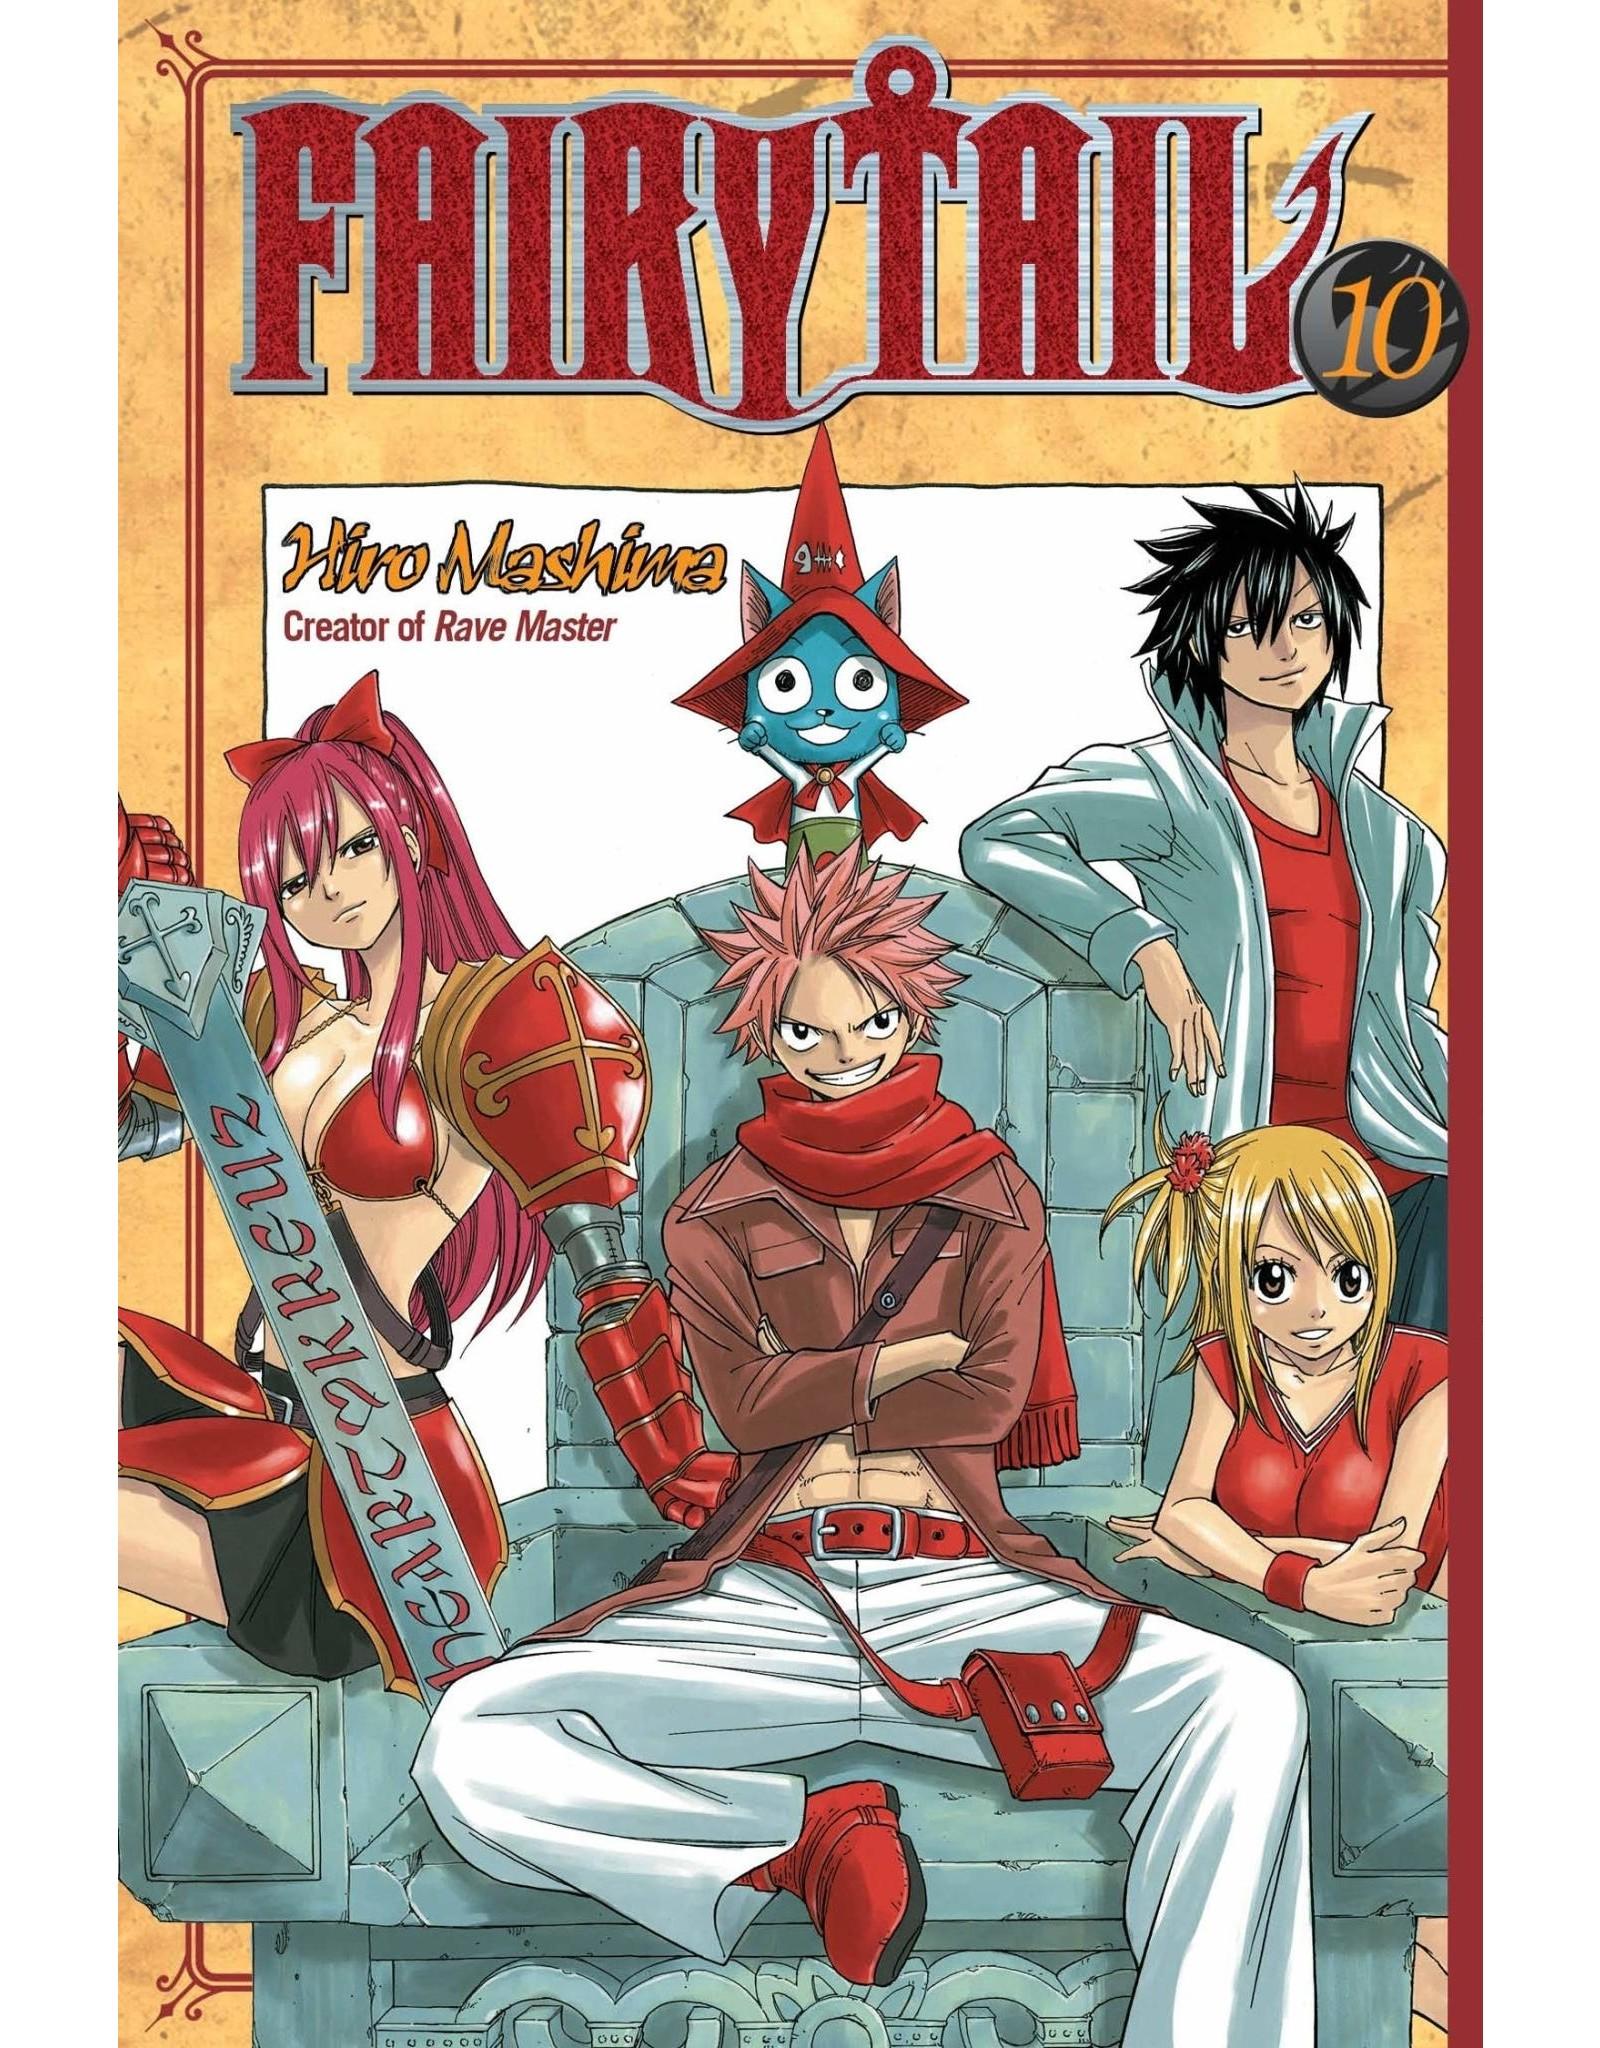 Fairy Tail 10 (Engelstalig) - Manga